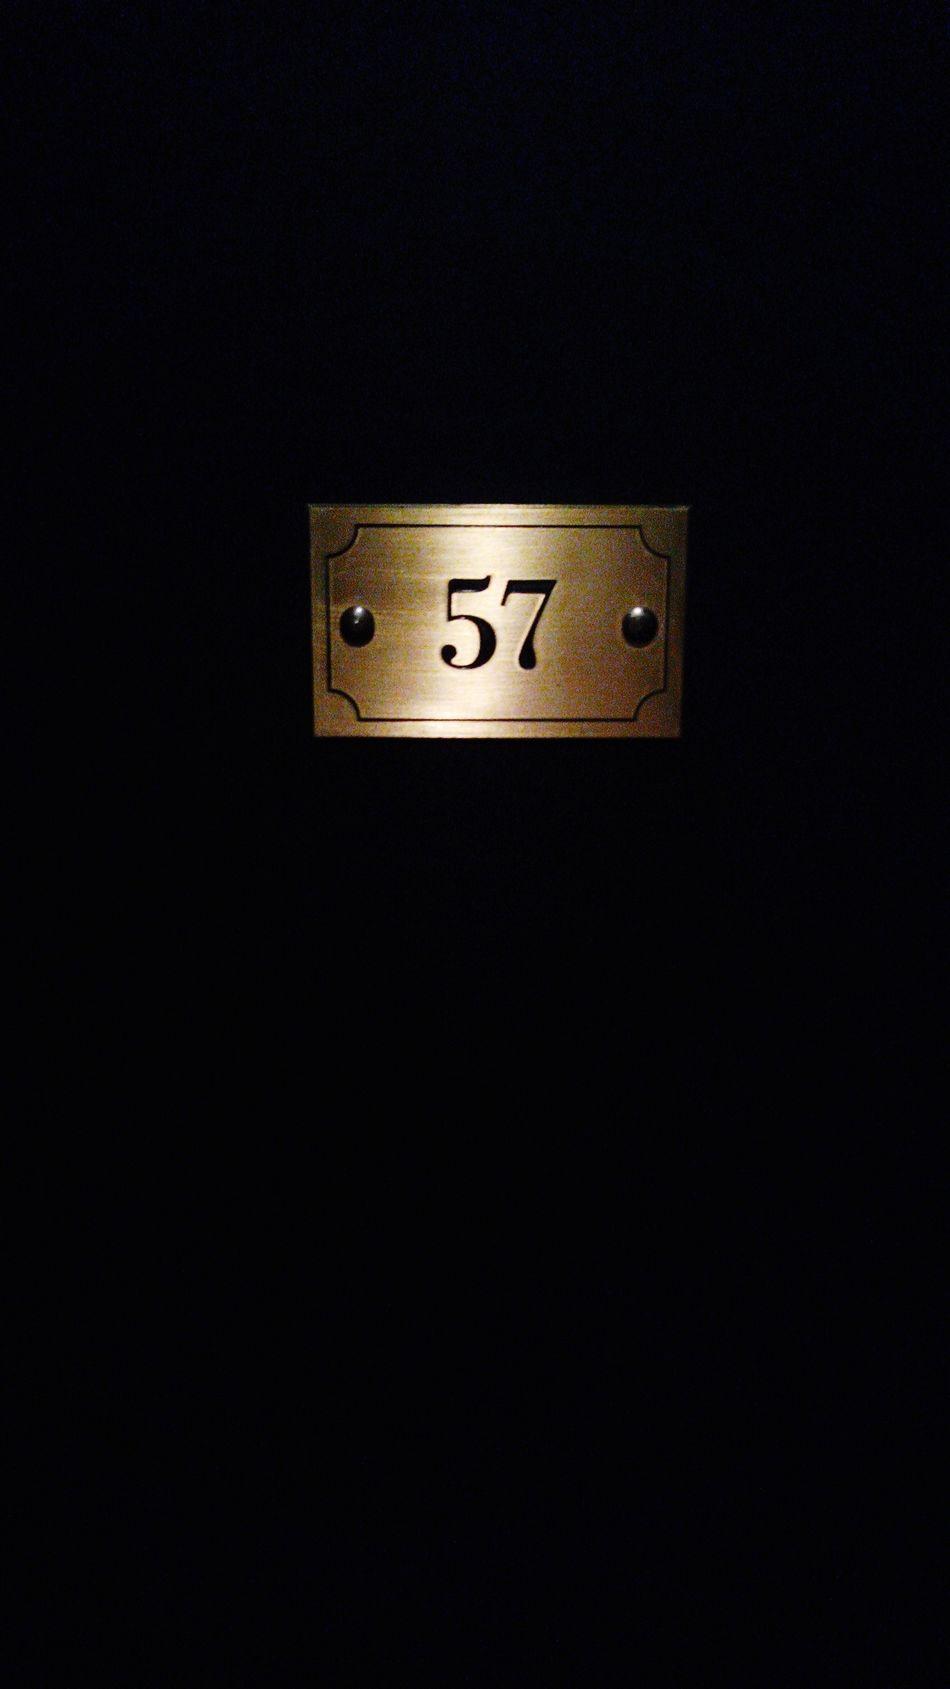 Black Background Communication Door Doors Room Room Service Rooms Door Hotel Hotel Room Hotel Rooms Door 57 Hotel Best Western